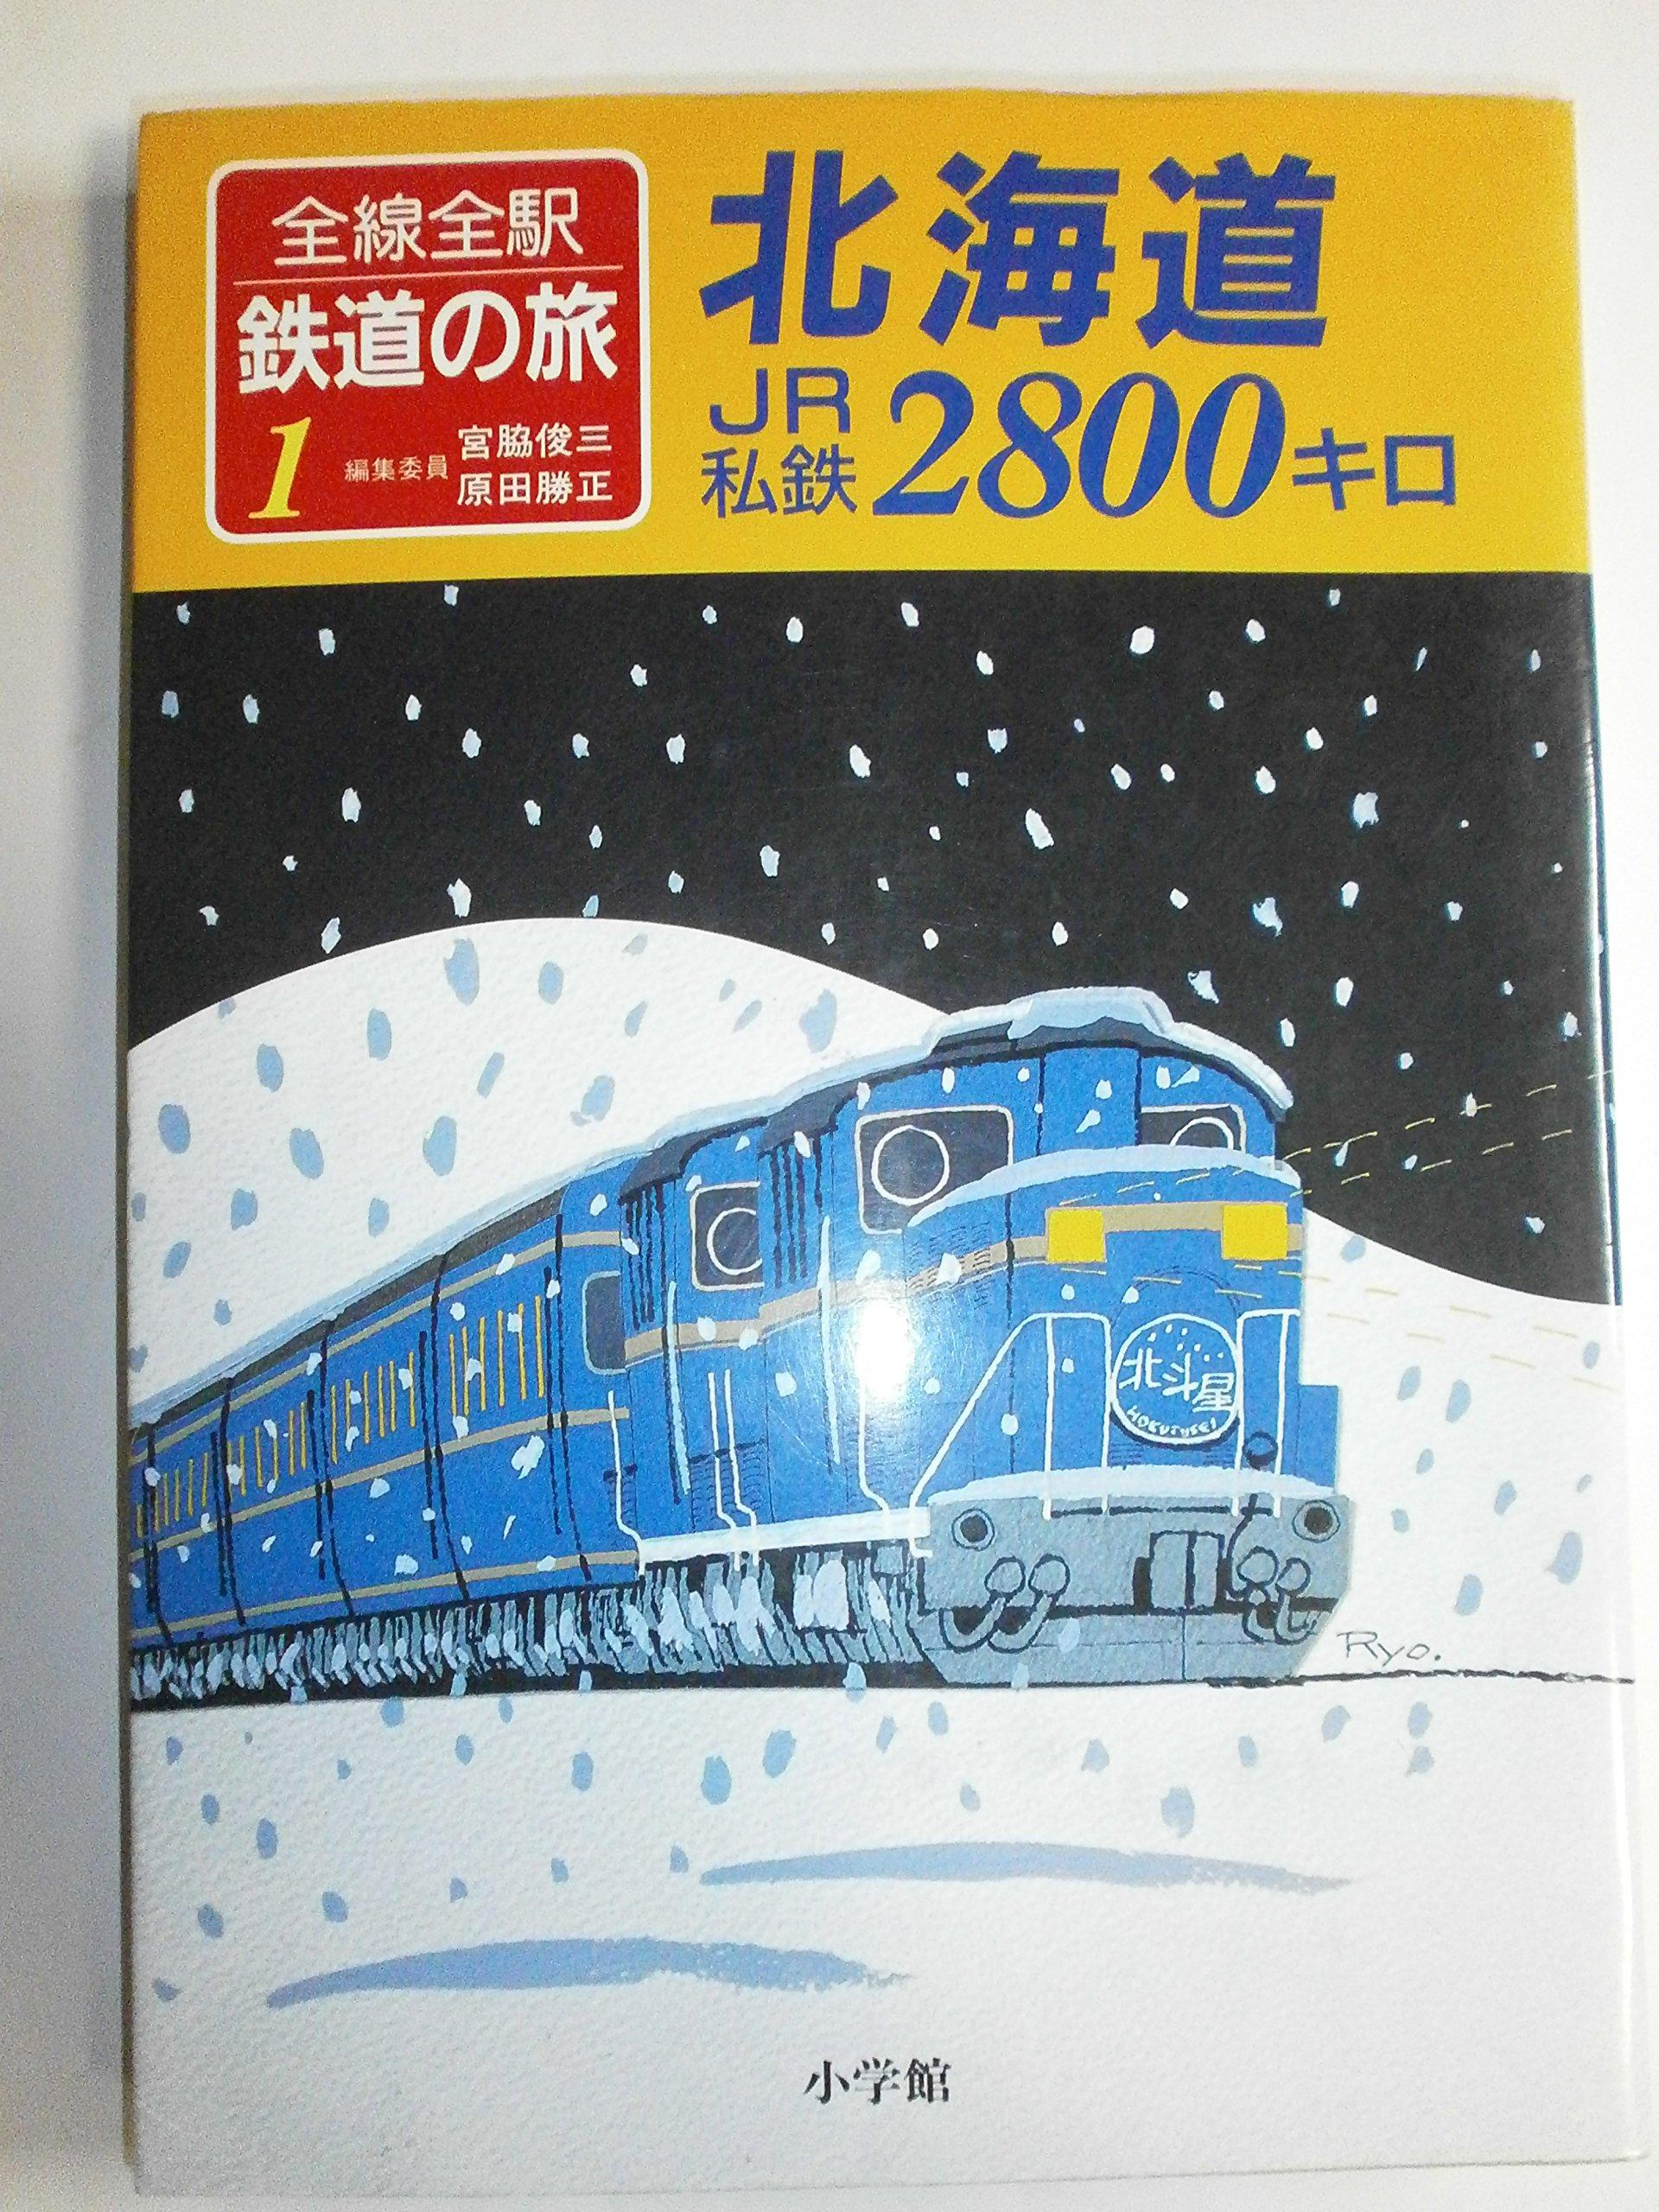 北海道JR私鉄2800キロ (全線全駅...